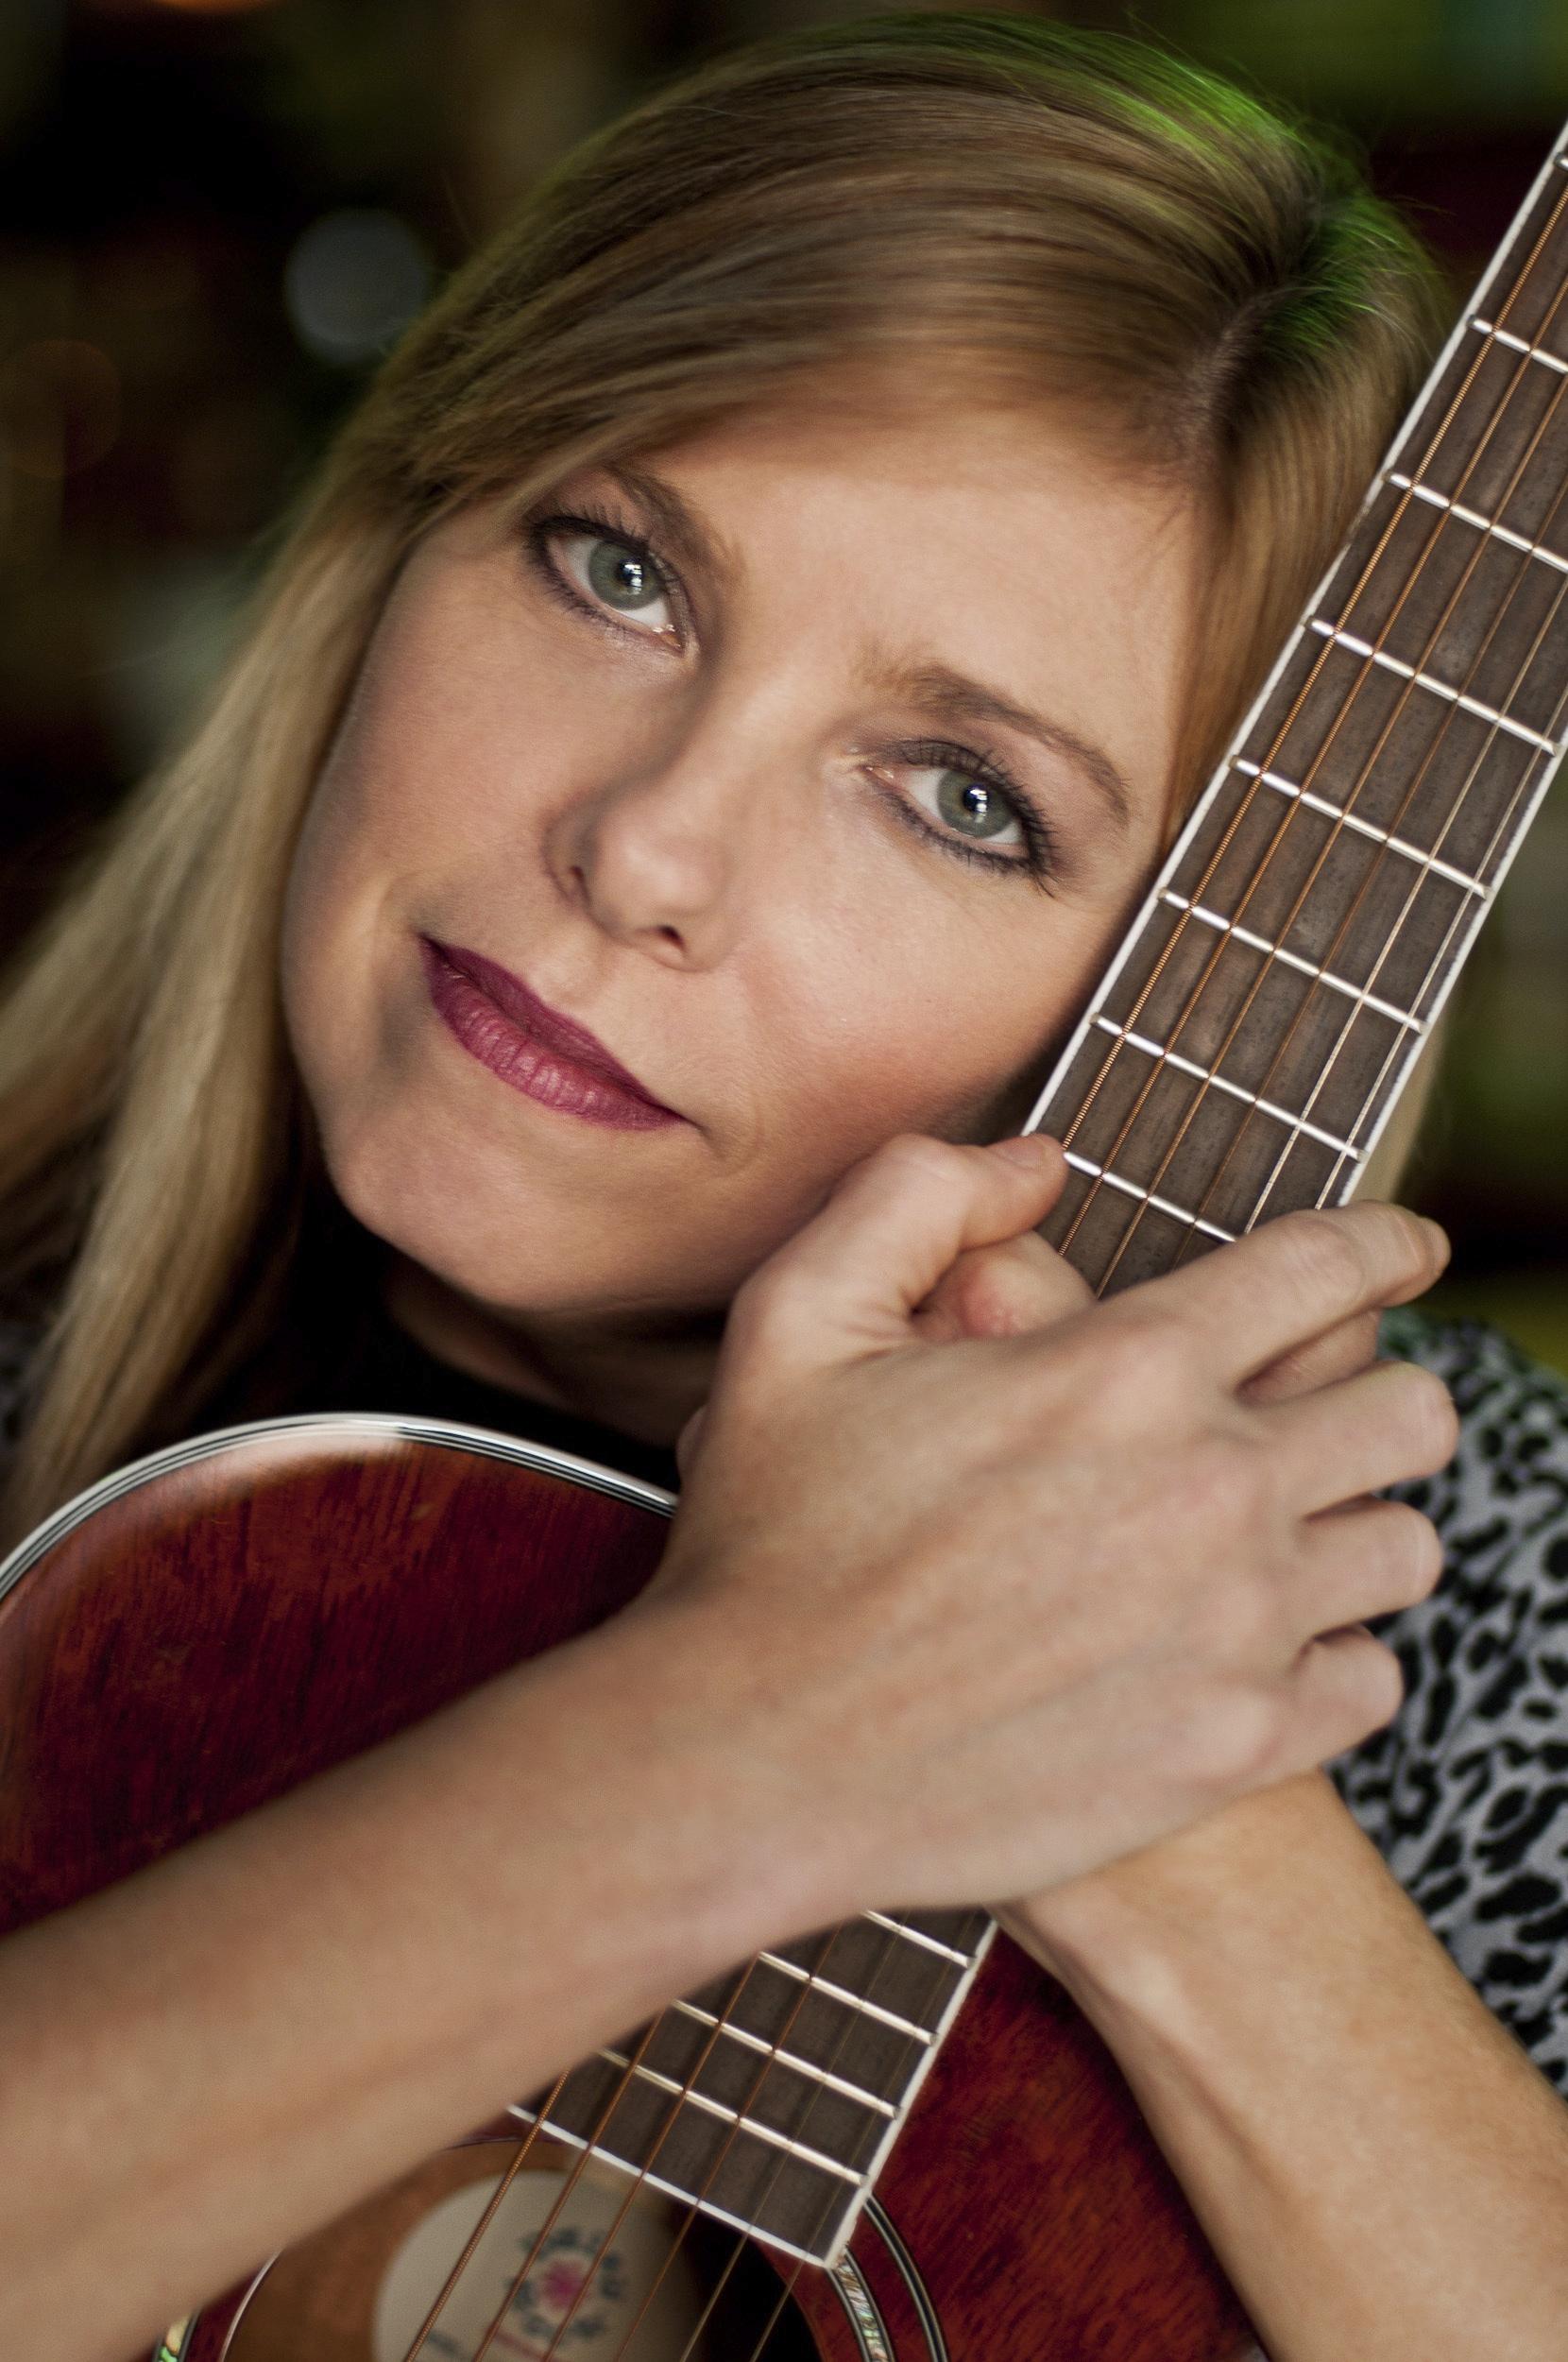 Lani closeup with guitar big_re